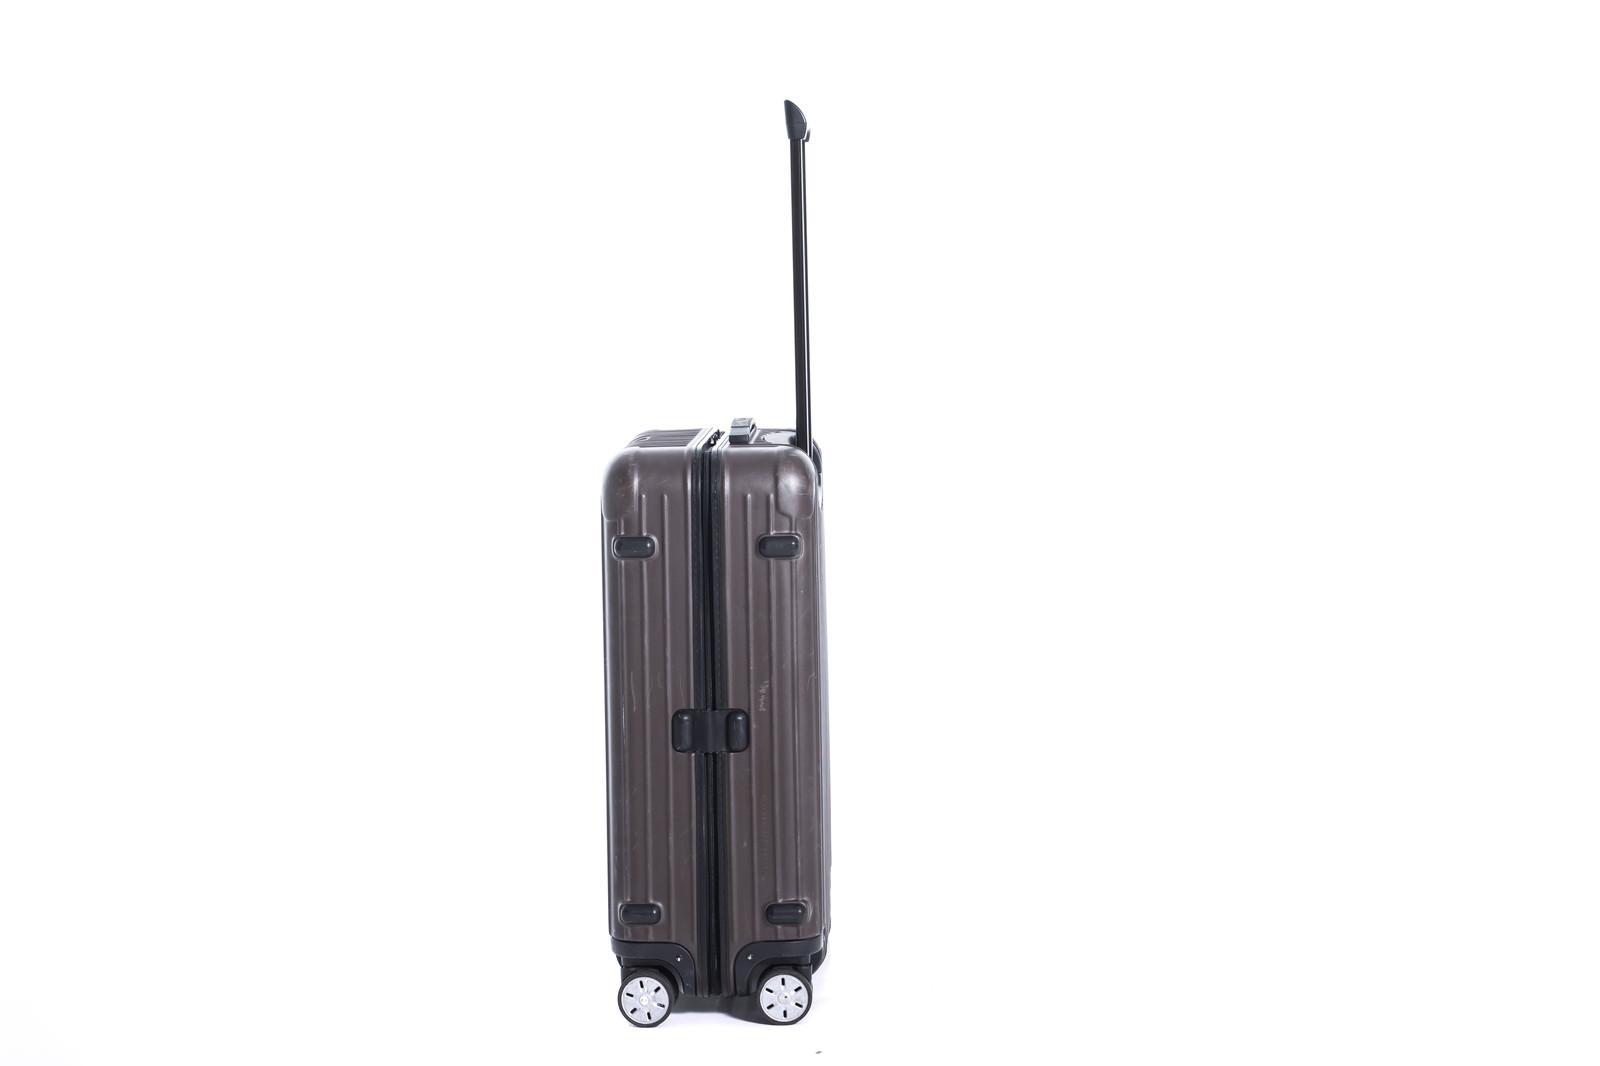 「スーツケース(横)」の写真